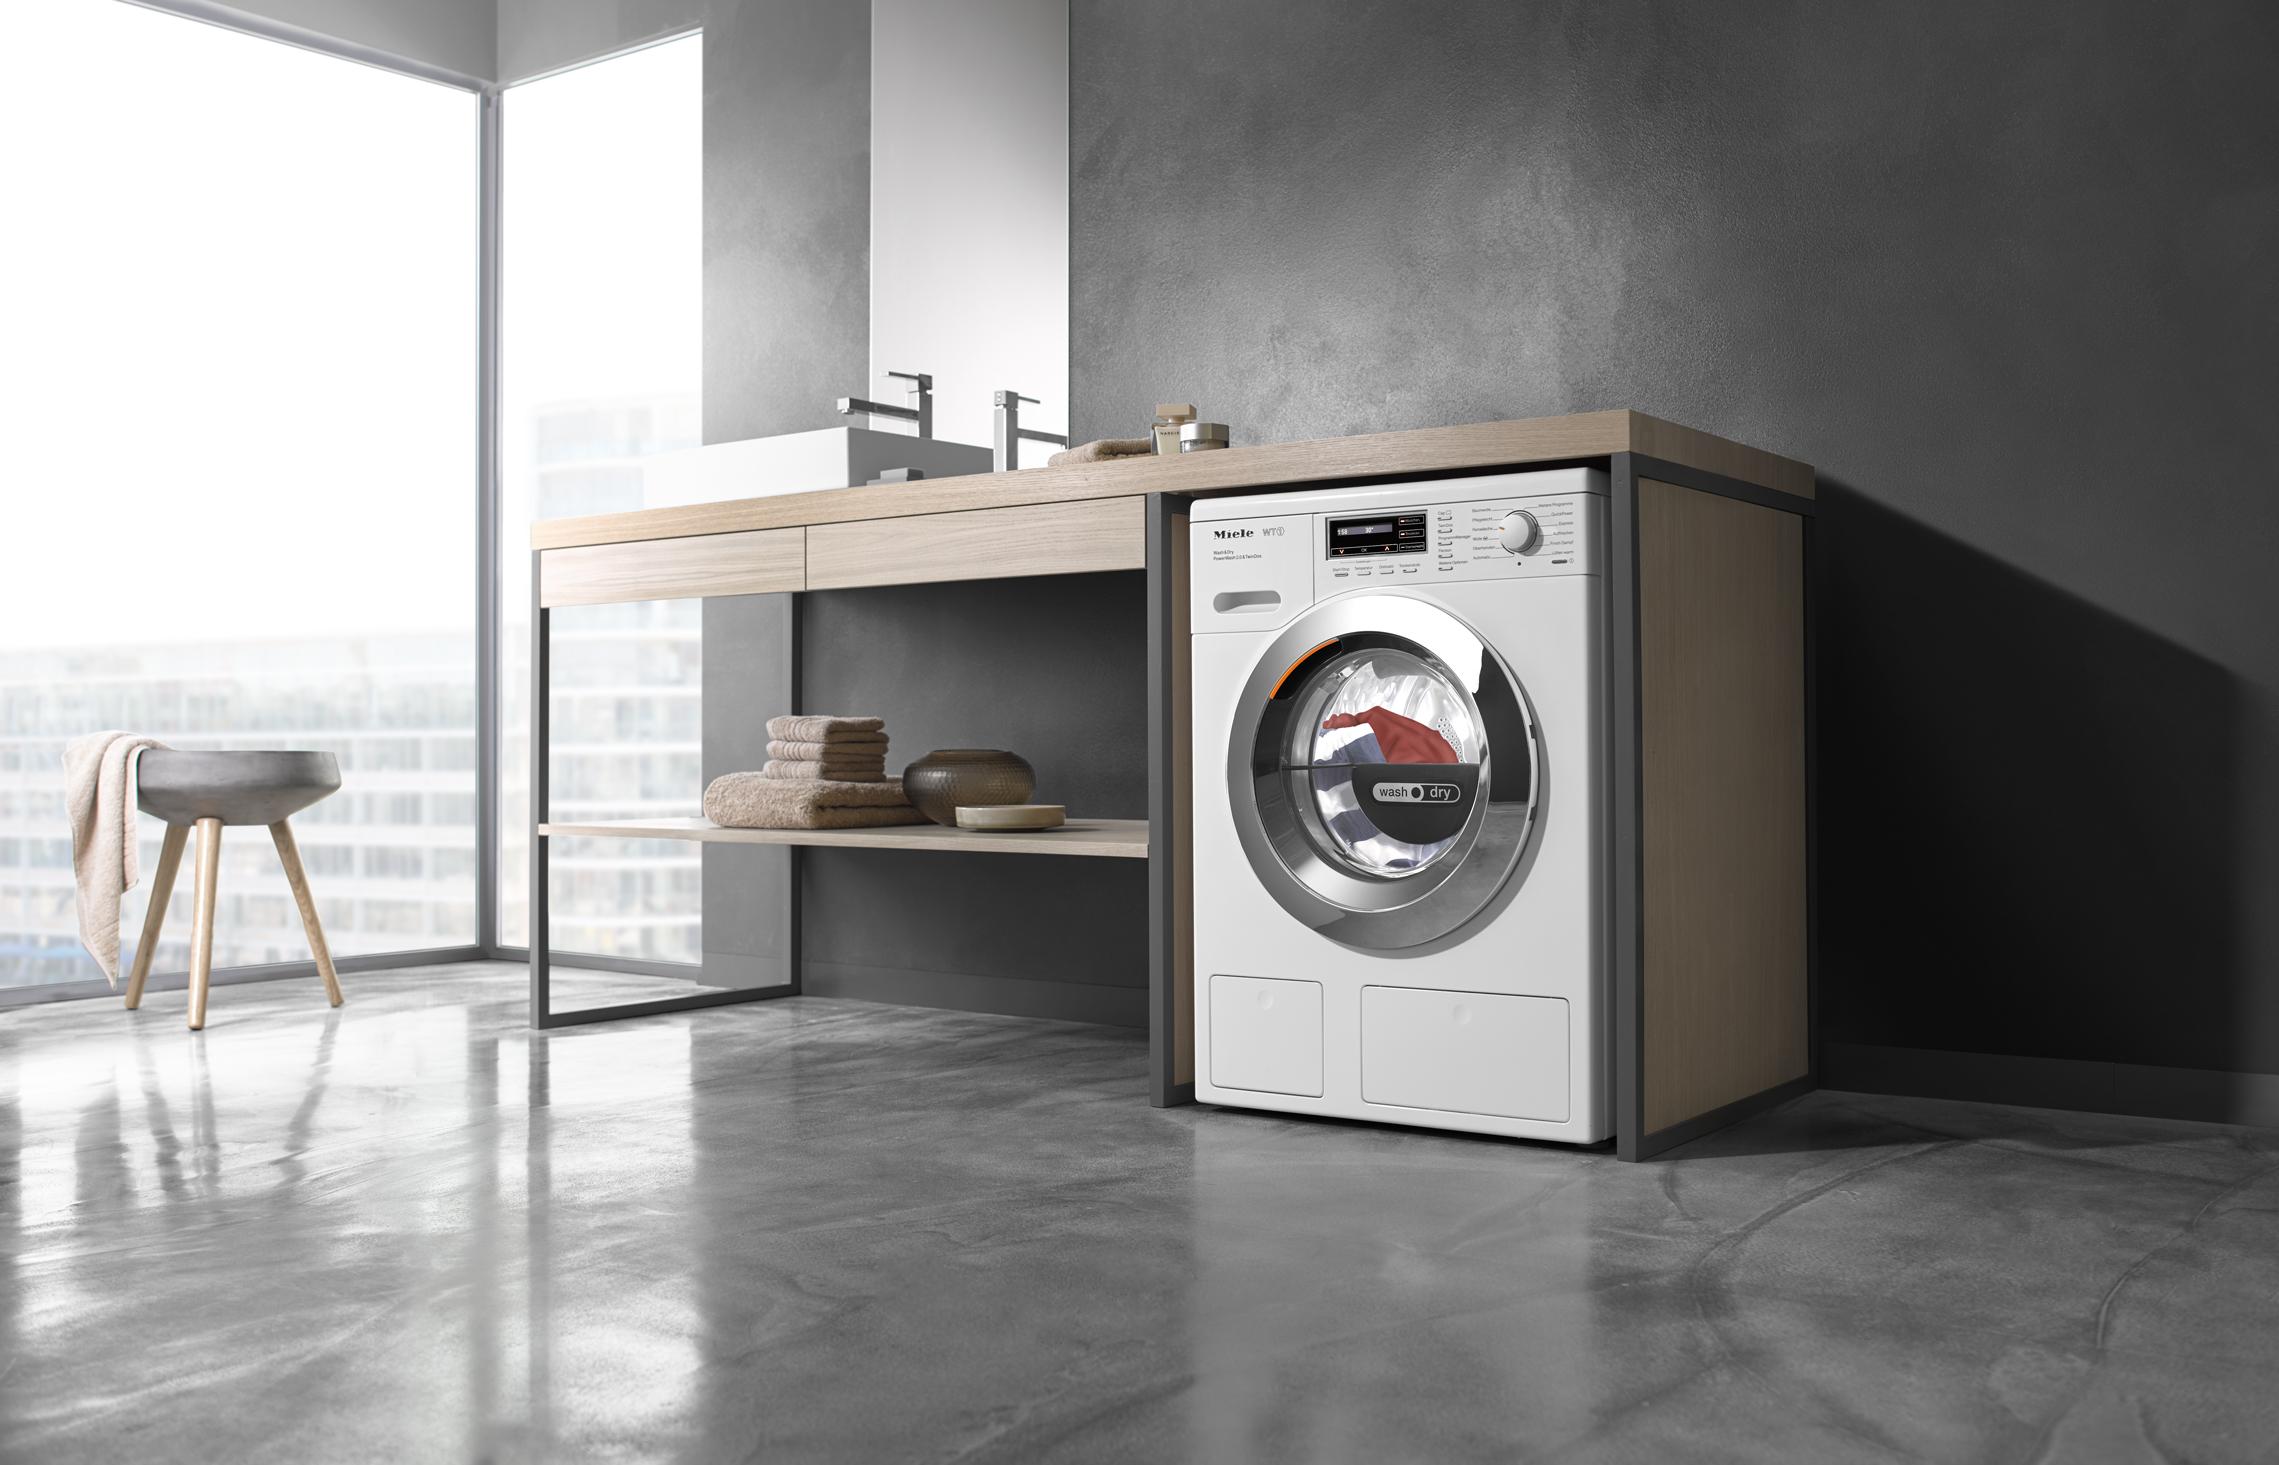 Armarios para lavadora y secadora cool best lavadora en un bao pequeno es para lavadora y - Armario lavadora ...